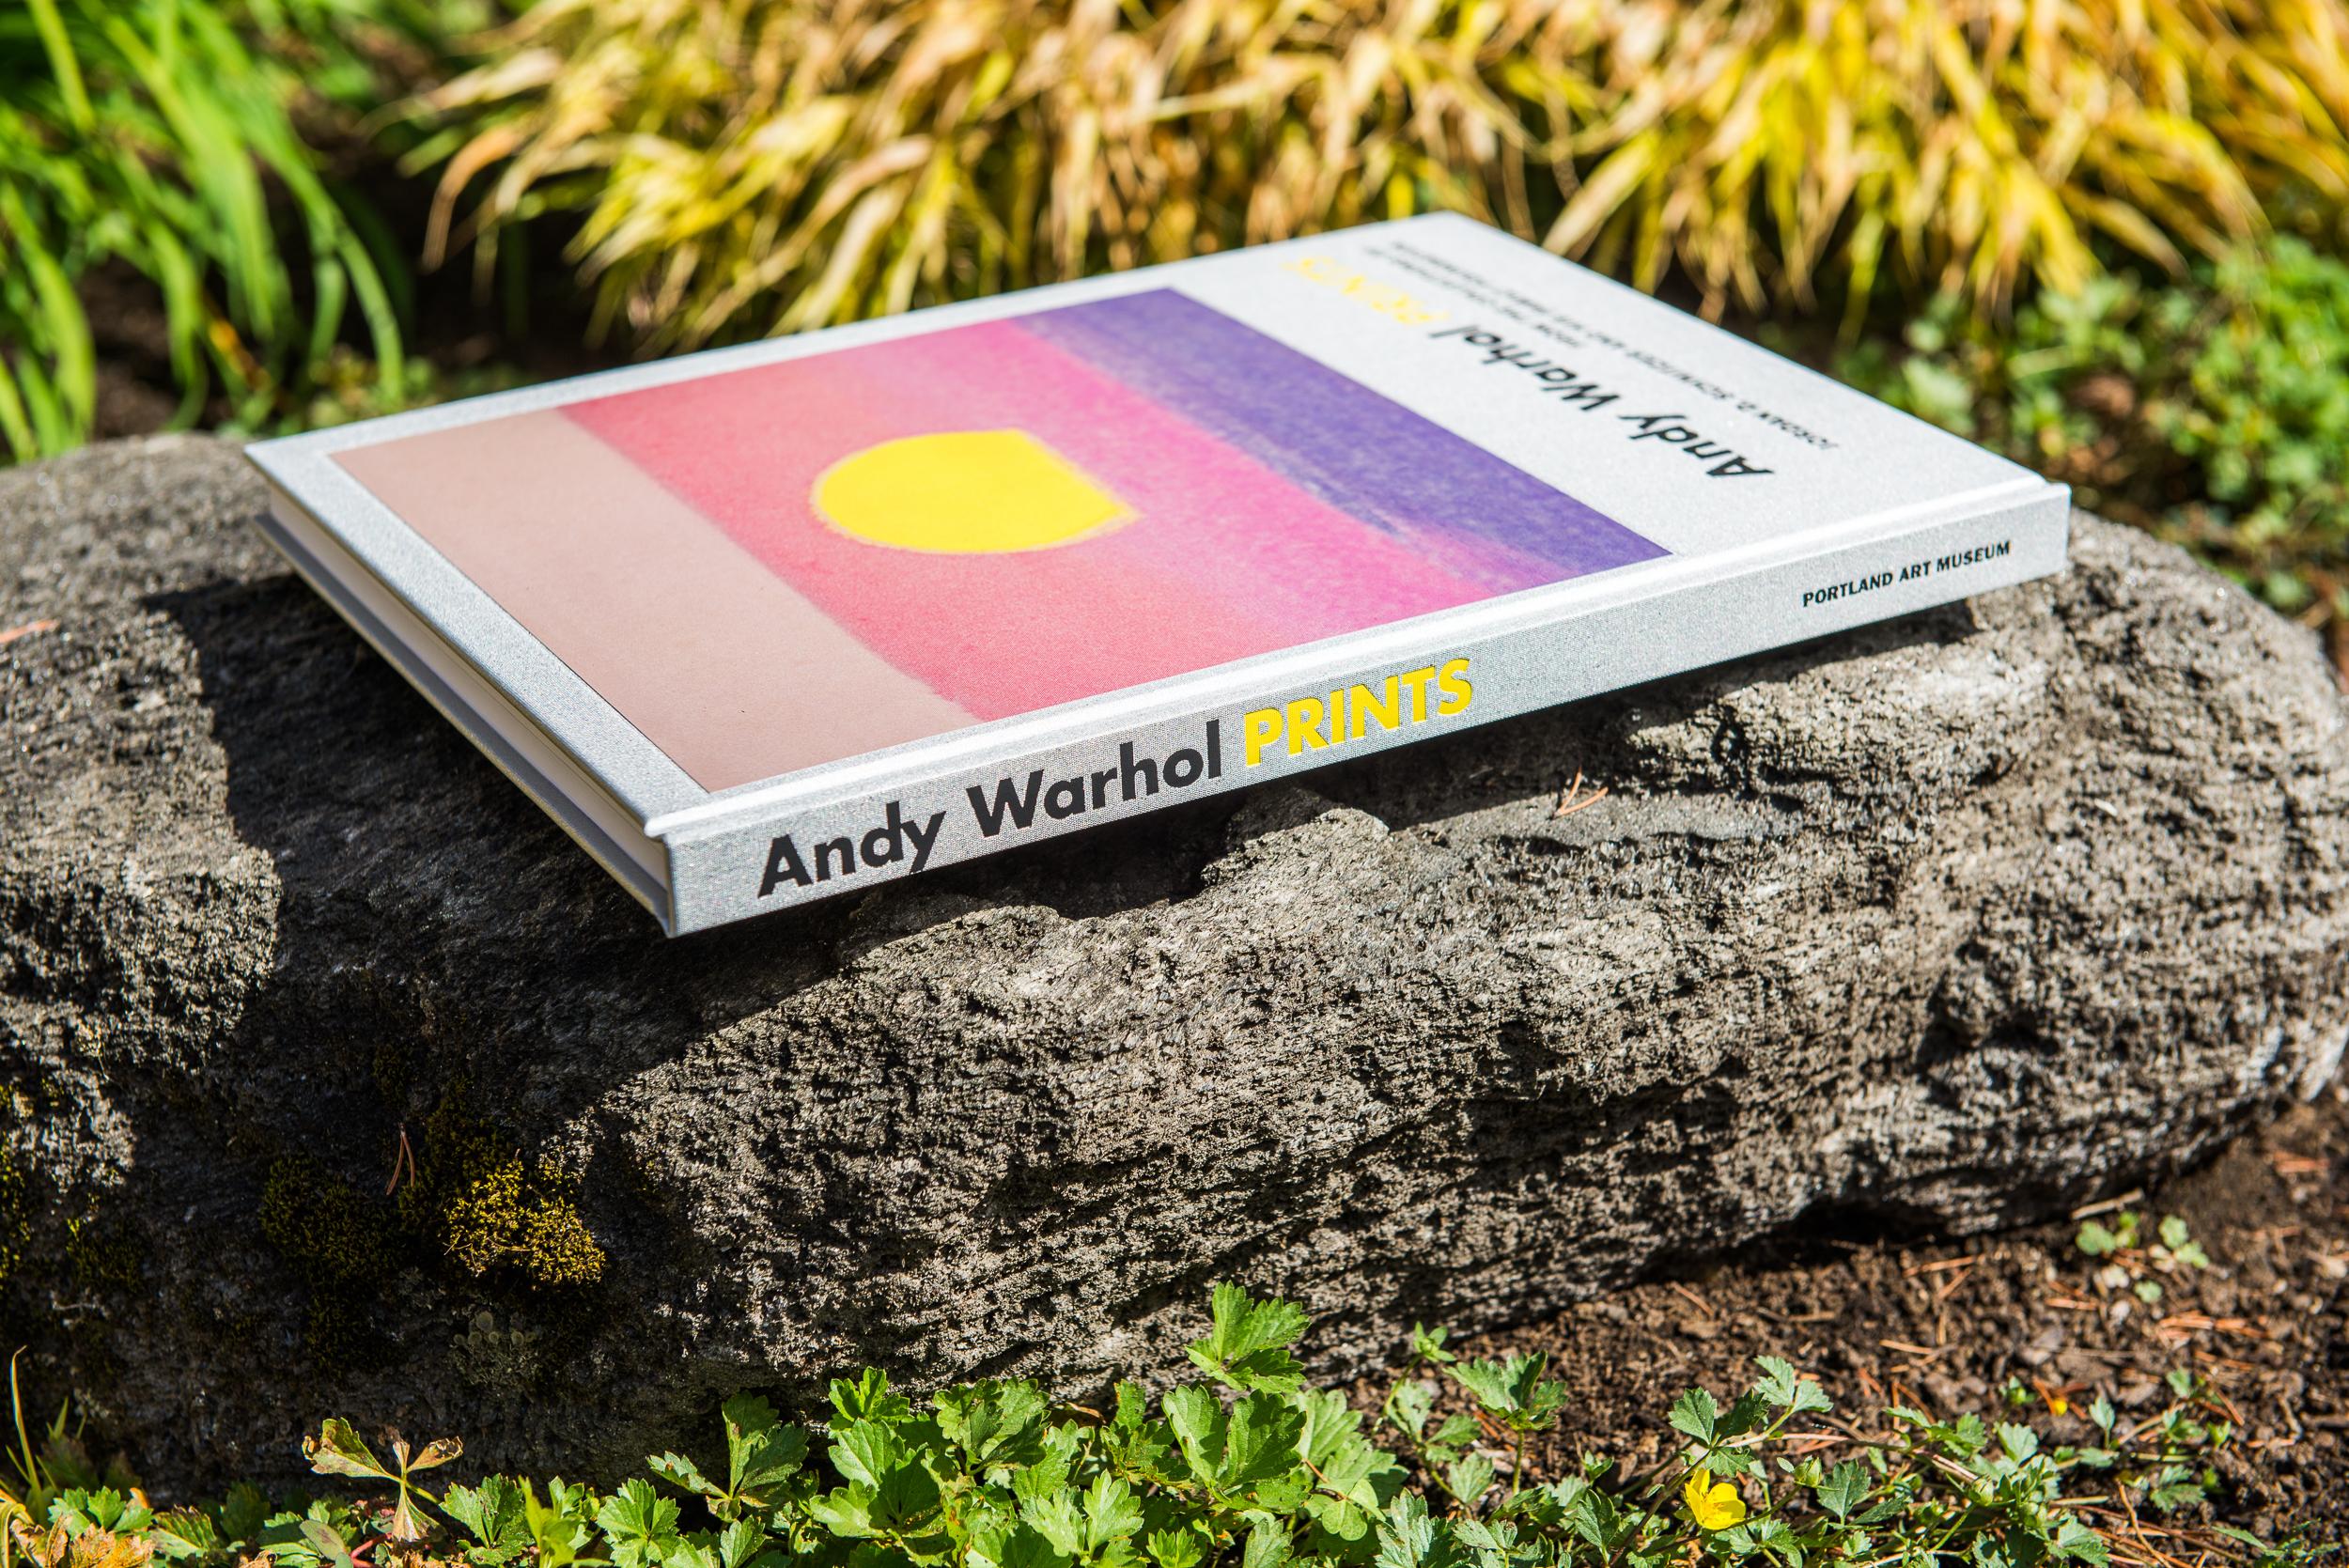 Warhol-book_2016-09-23-4816.jpg